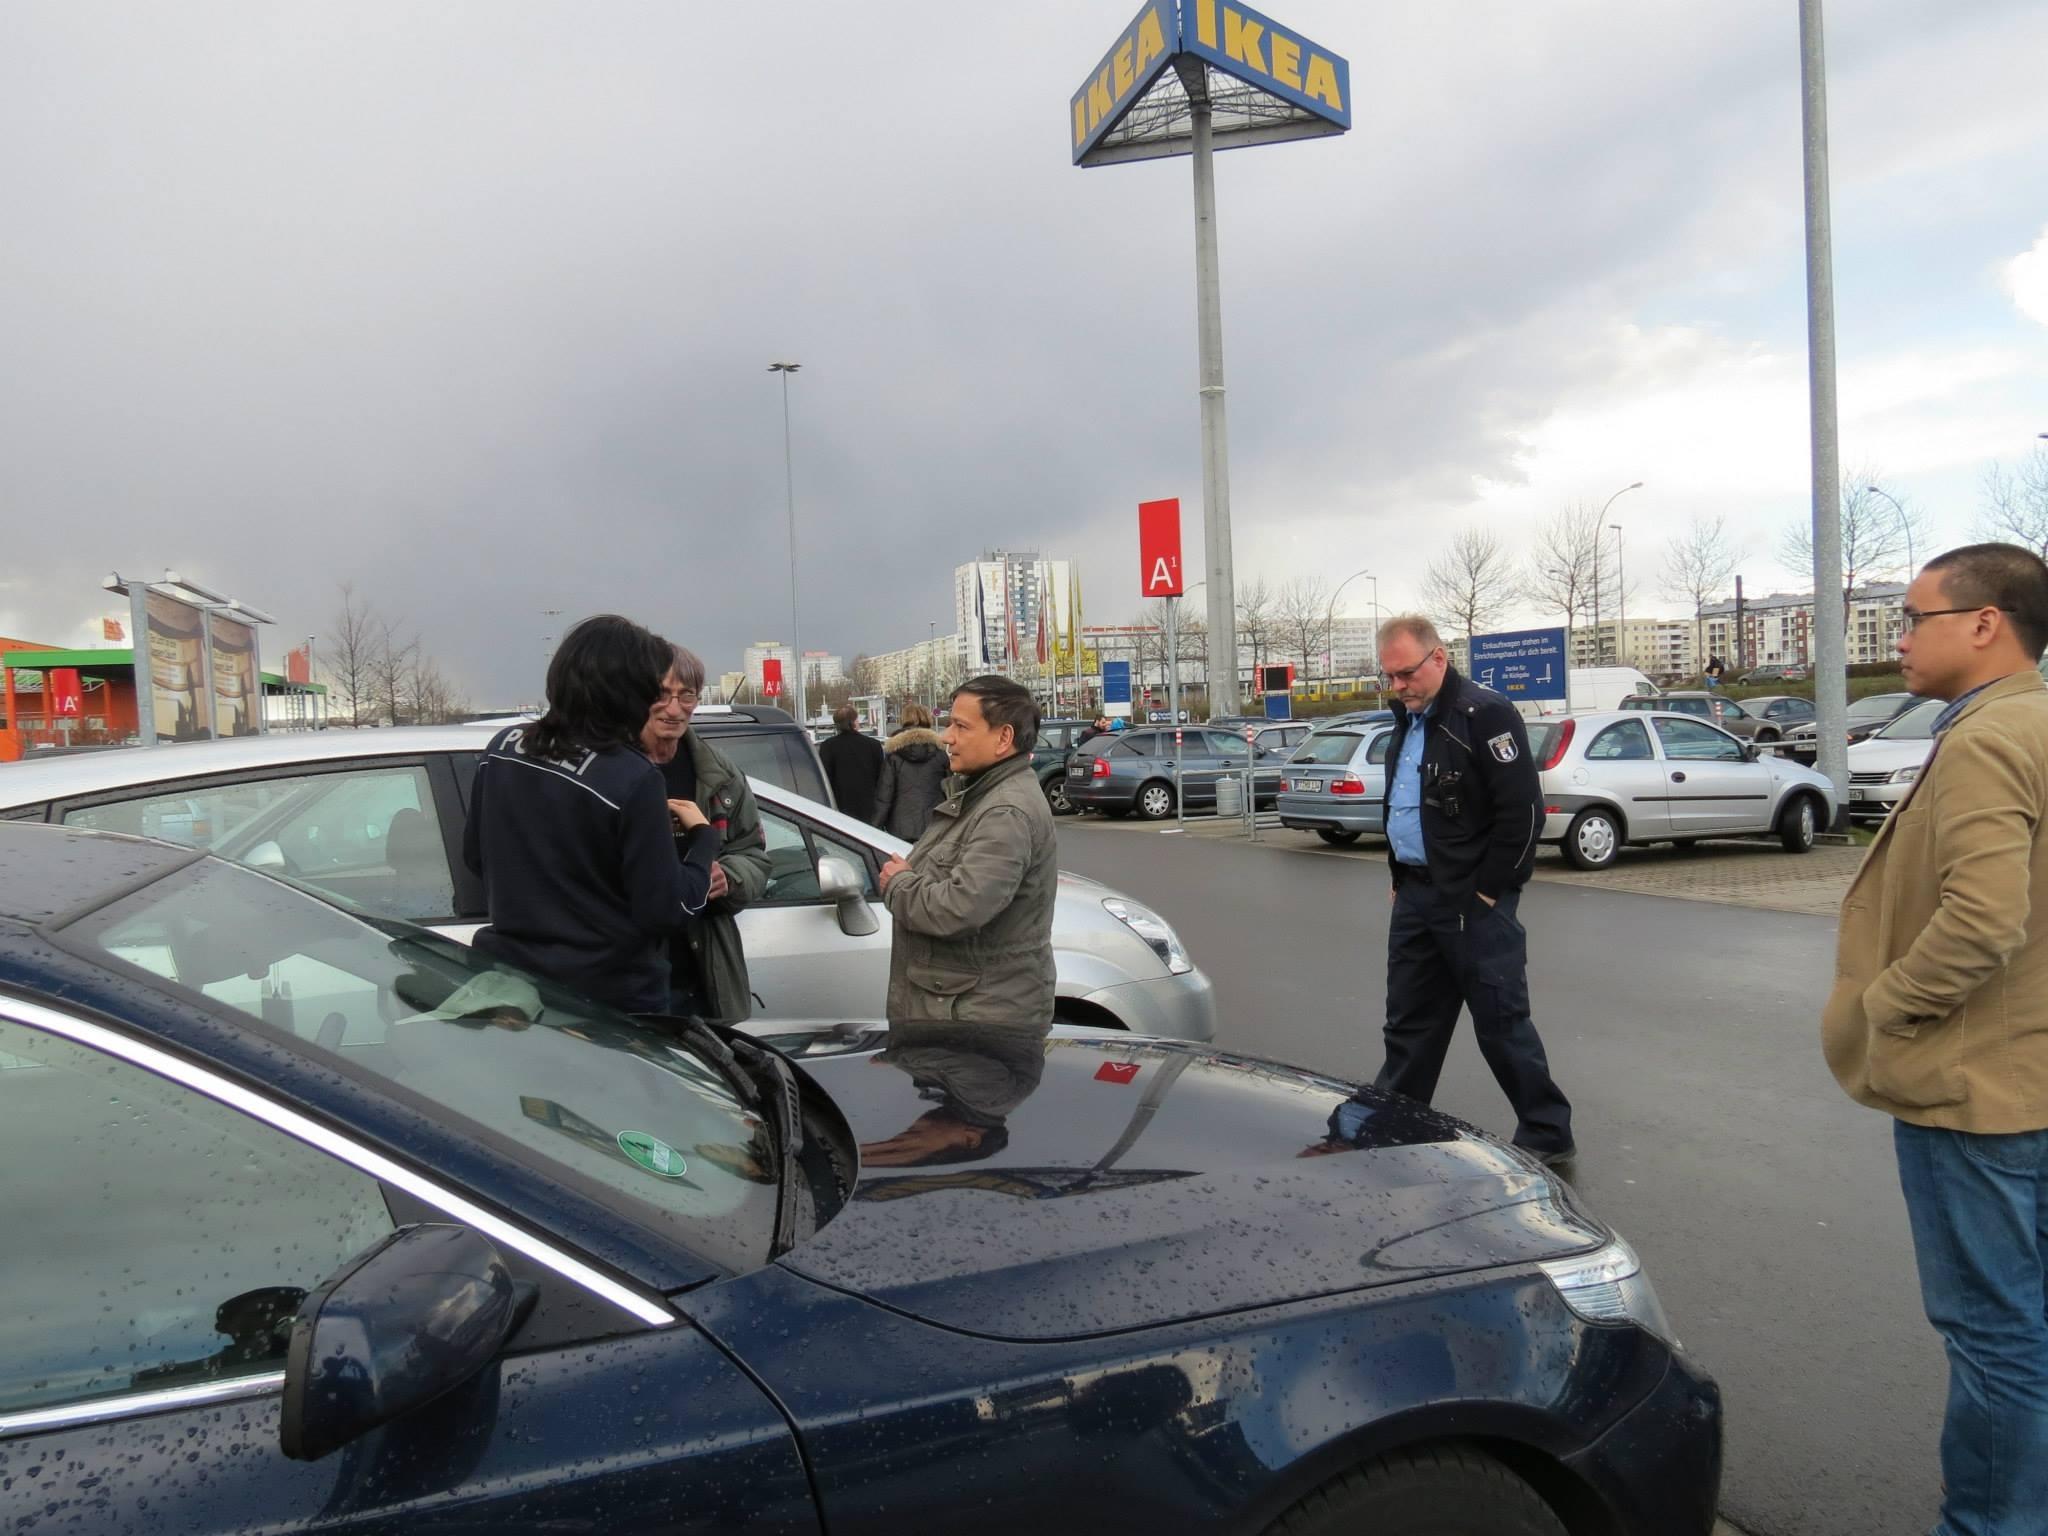 Đúng 5 phút sau cảnh sát đến, chào hỏi nhẹ nhàng, ghi biên bản và chụp ảnh đầy đủ.